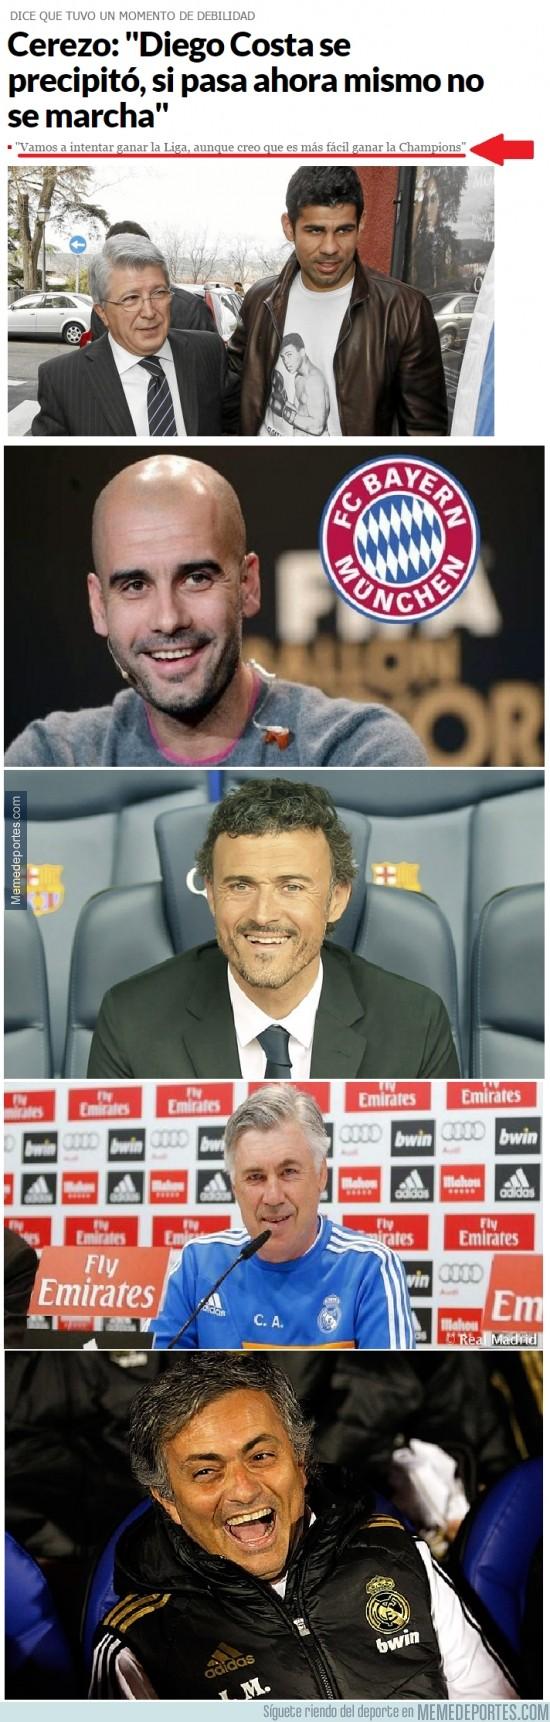 406928 - Cerezo, la Champions es la Champions